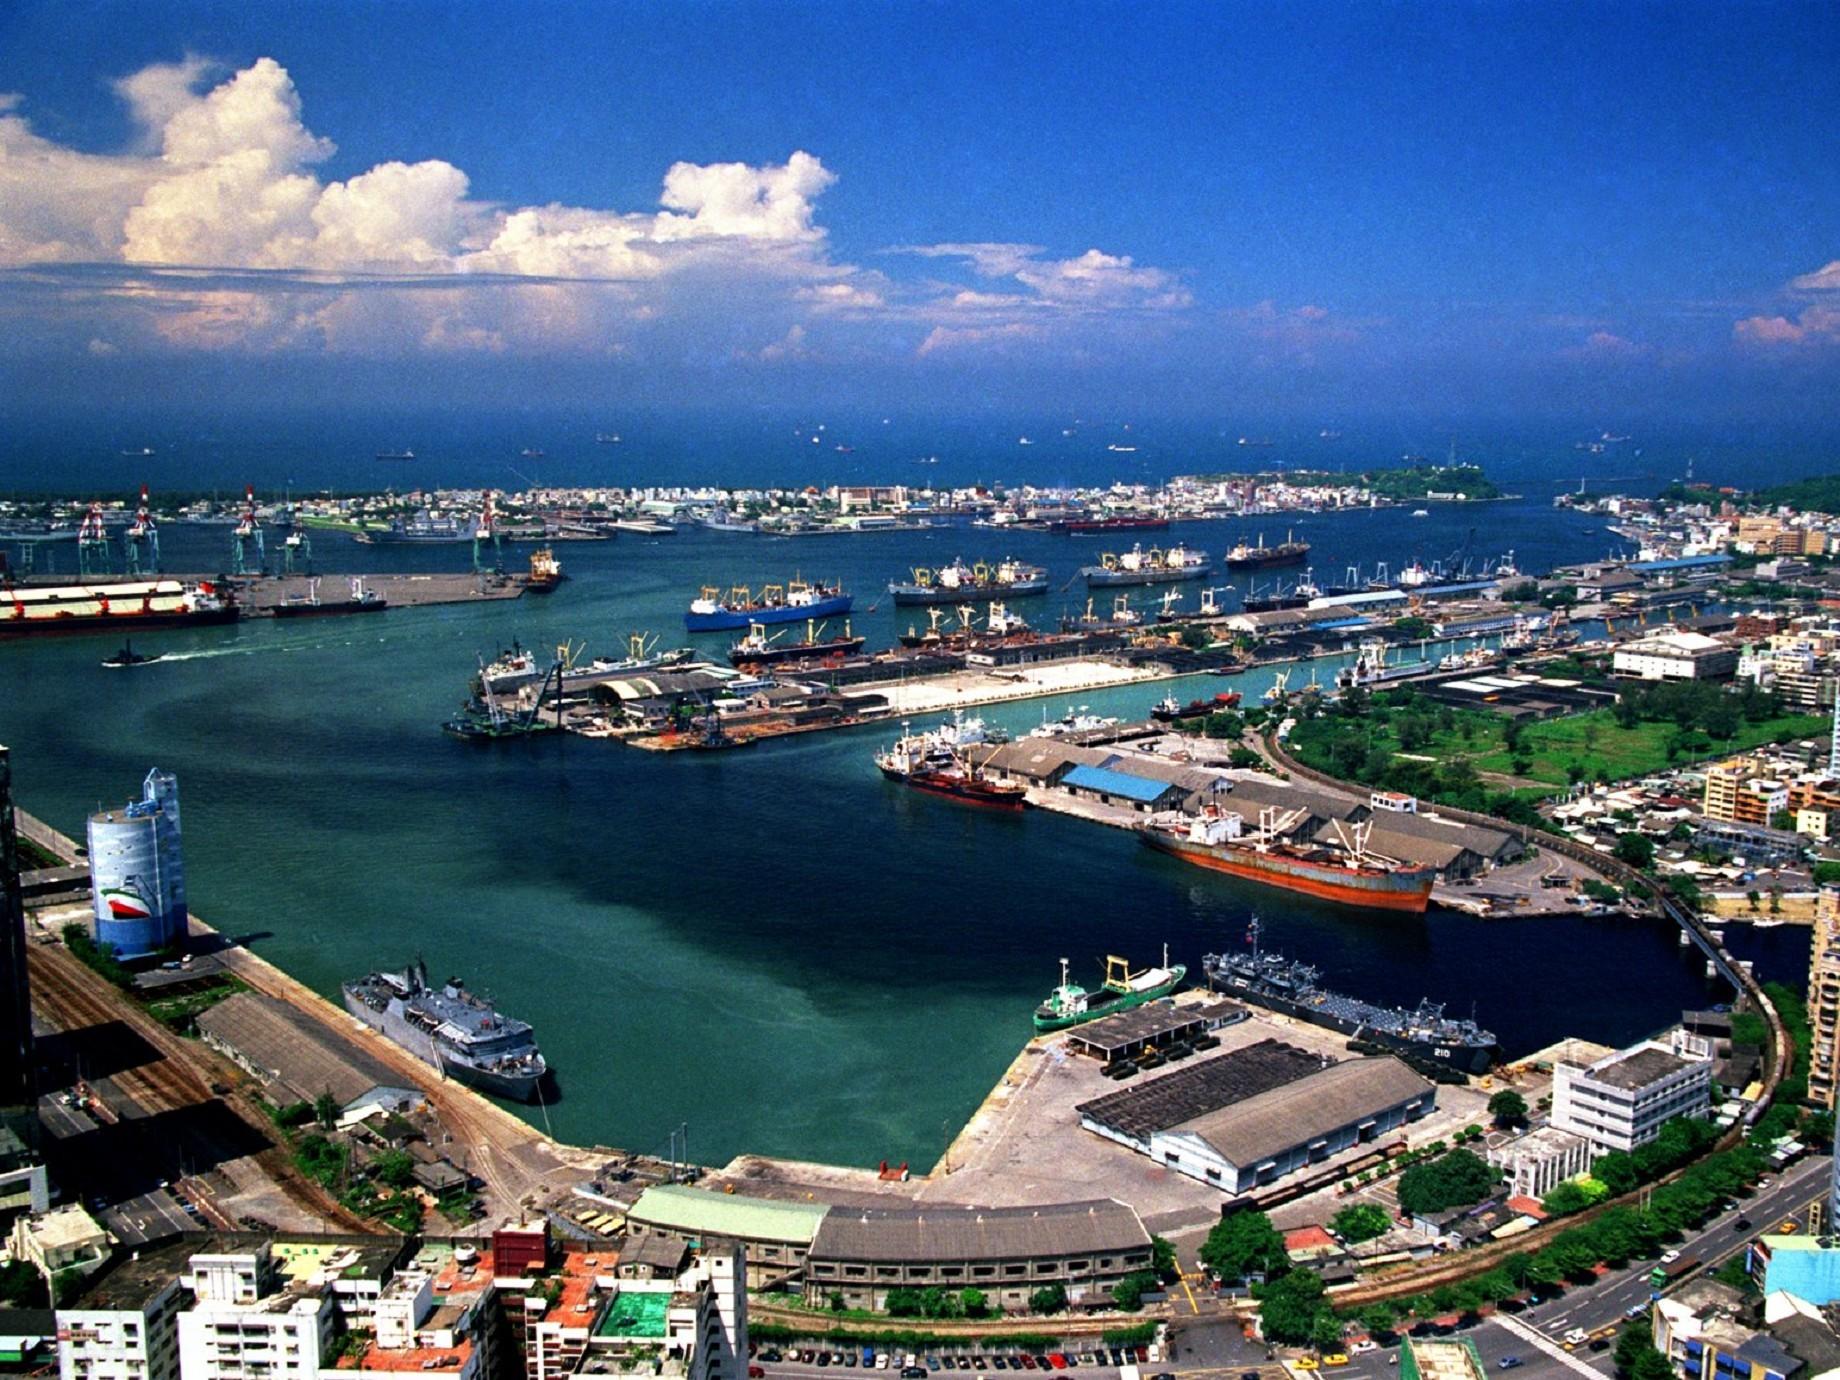 阿里巴巴 B2B 打造「台灣外貿生態圈」,要助台灣中小企業外銷一臂之力